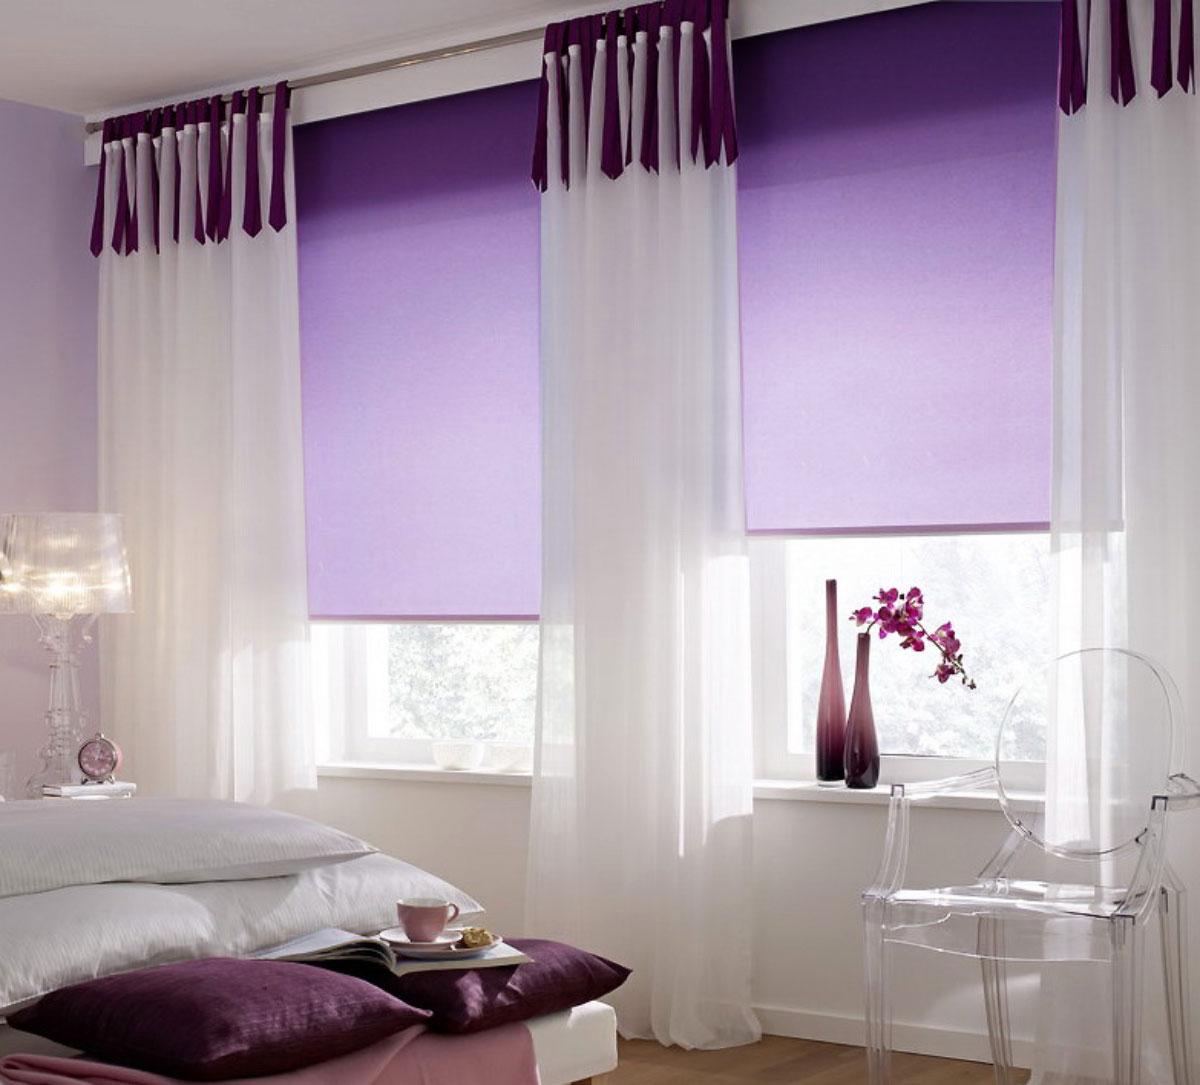 Штора рулонная Миниролло, 68х170см, тканевые, цвет: фиолетовый3068007Рулонная штора Миниролло выполнена из высокопрочной ткани, которая сохраняет свой размер даже при намокании. Ткань не выцветает и обладает отличной цветоустойчивостью. Миниролло - это подвид рулонных штор, который закрывает не весь оконный проем, а непосредственно само стекло. Такие шторы крепятся на раму без сверления при помощи зажимов или клейкой двухсторонней ленты. Окно остается на гарантии, благодаря монтажу без сверления. Такая штора станет прекрасным элементом декора окна и гармонично впишется в интерьер любого помещения.